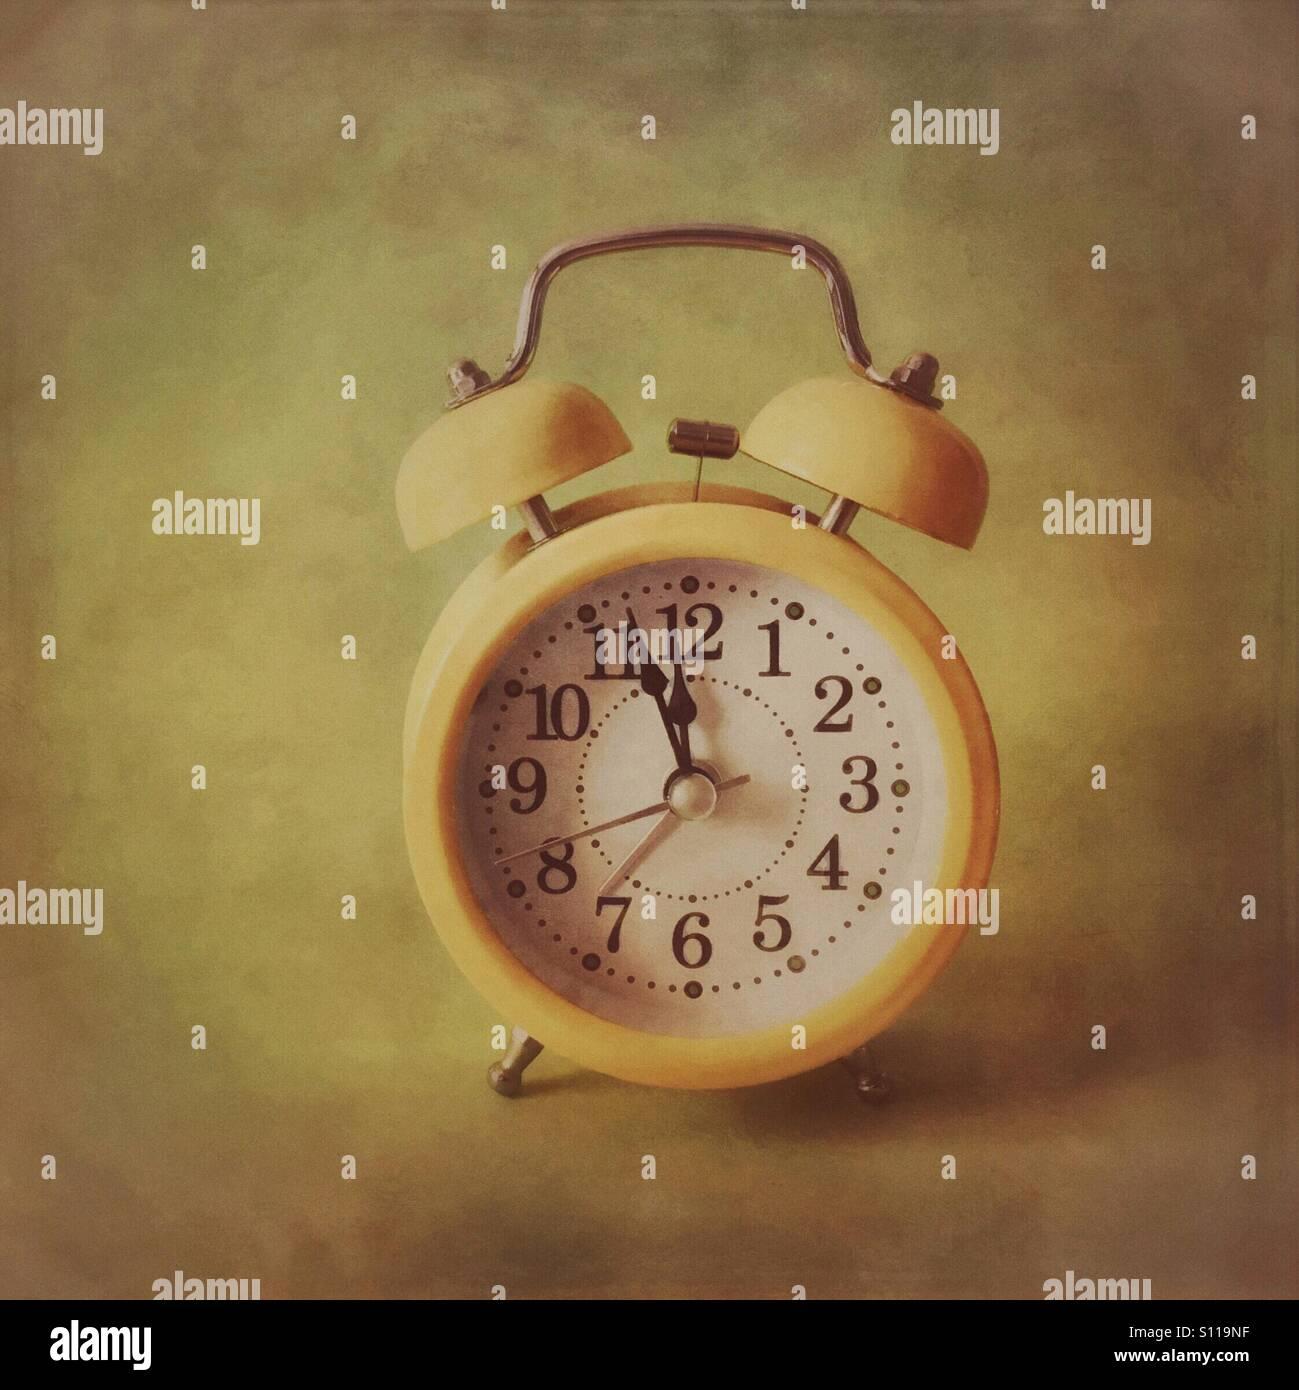 Réveil rétro - trois minutes à minuit Photo Stock